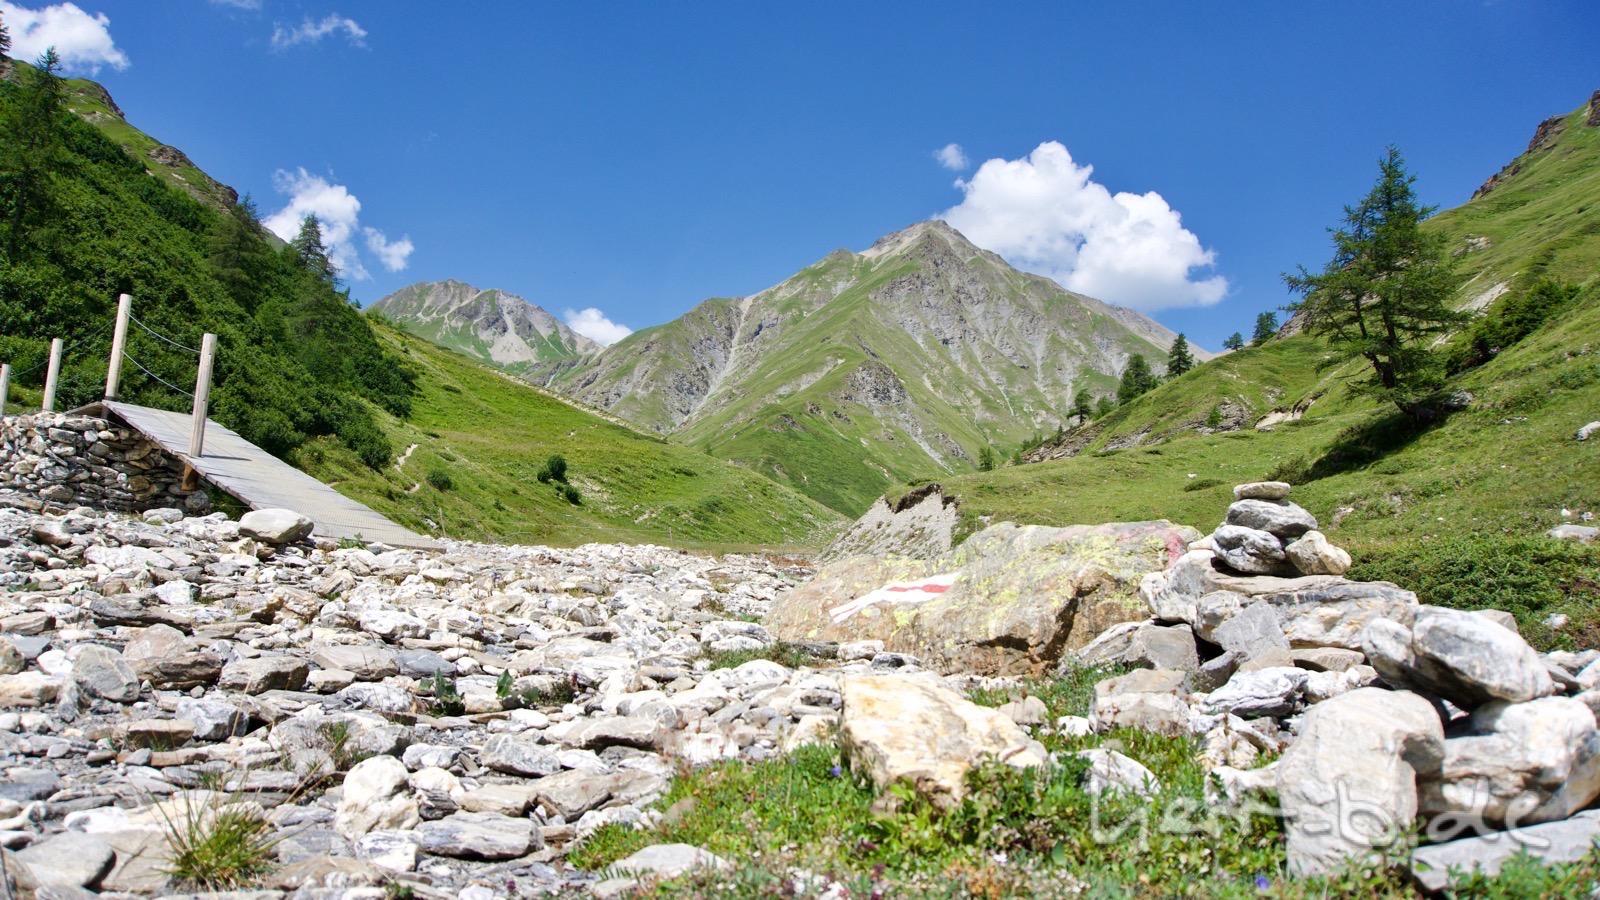 Bachüberquerung auf dem Weg ins Val Sinestra.